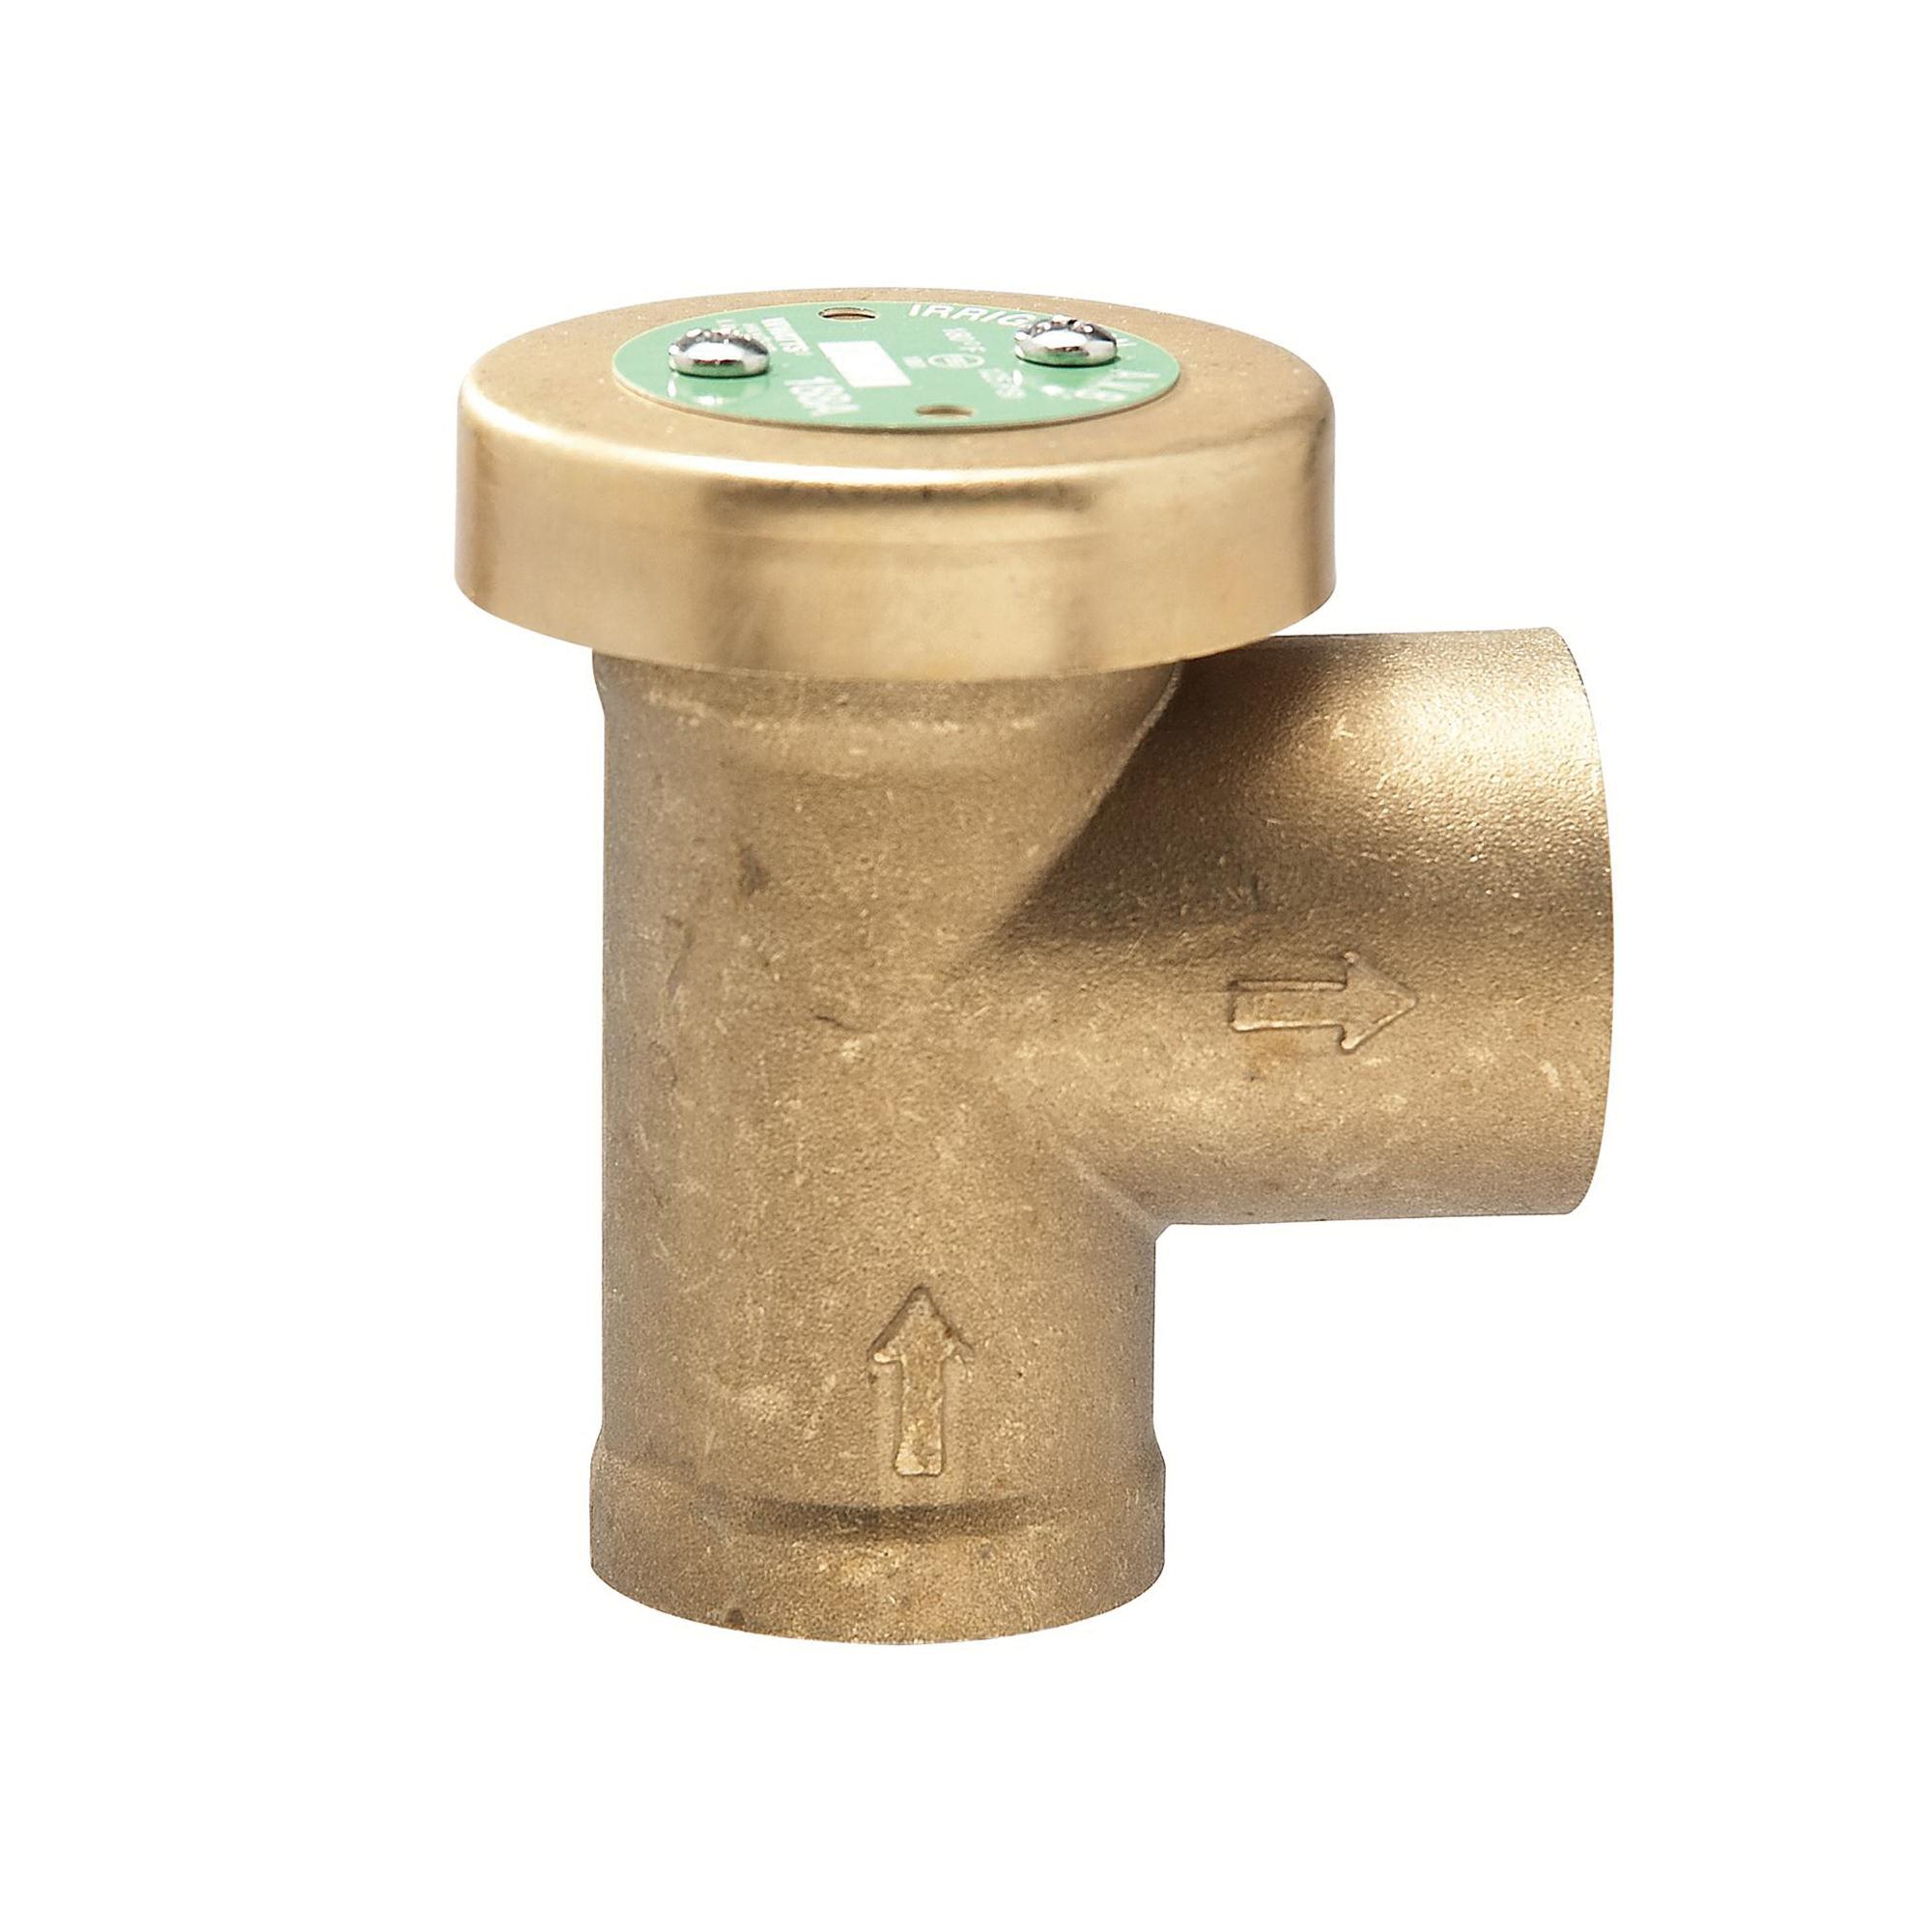 WATTS® 0340972 188A Anti-Siphon Vacuum Breaker, 1 in, FNPT, Brass Body